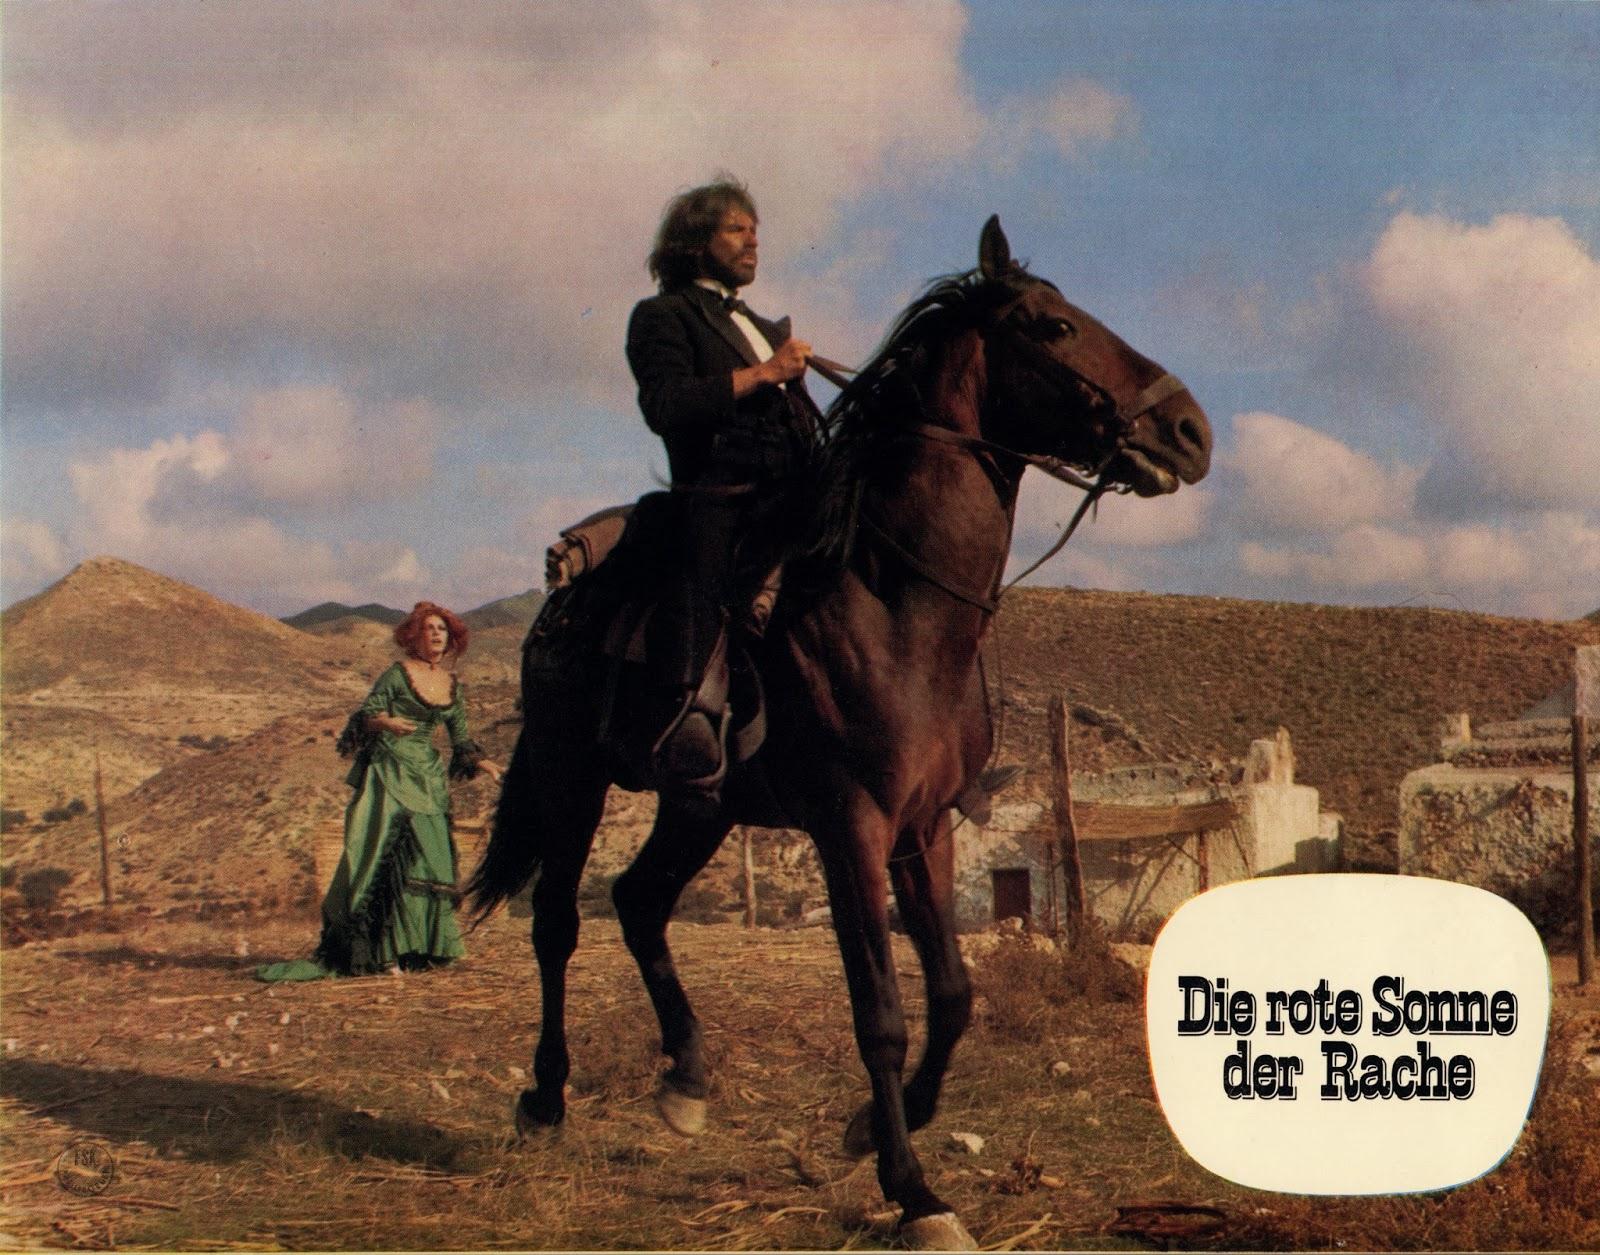 La banda J. & S. - Cronaca criminale del Far West (1972)